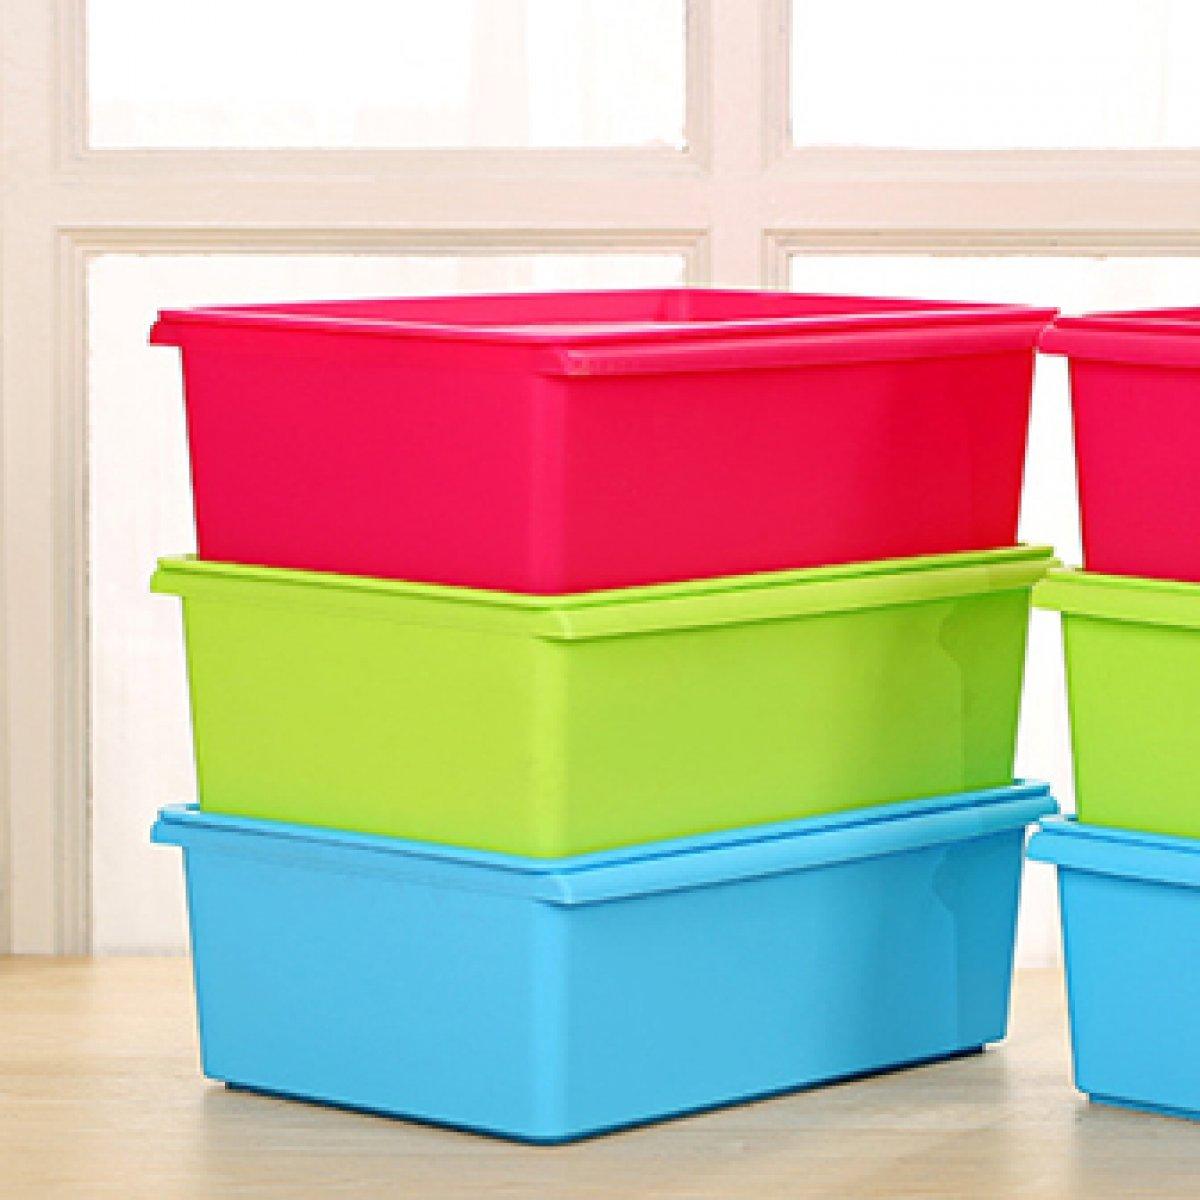 Κουτιά αποθήκευσης - Θήκες φύλαξης | Mymegamarket.gr